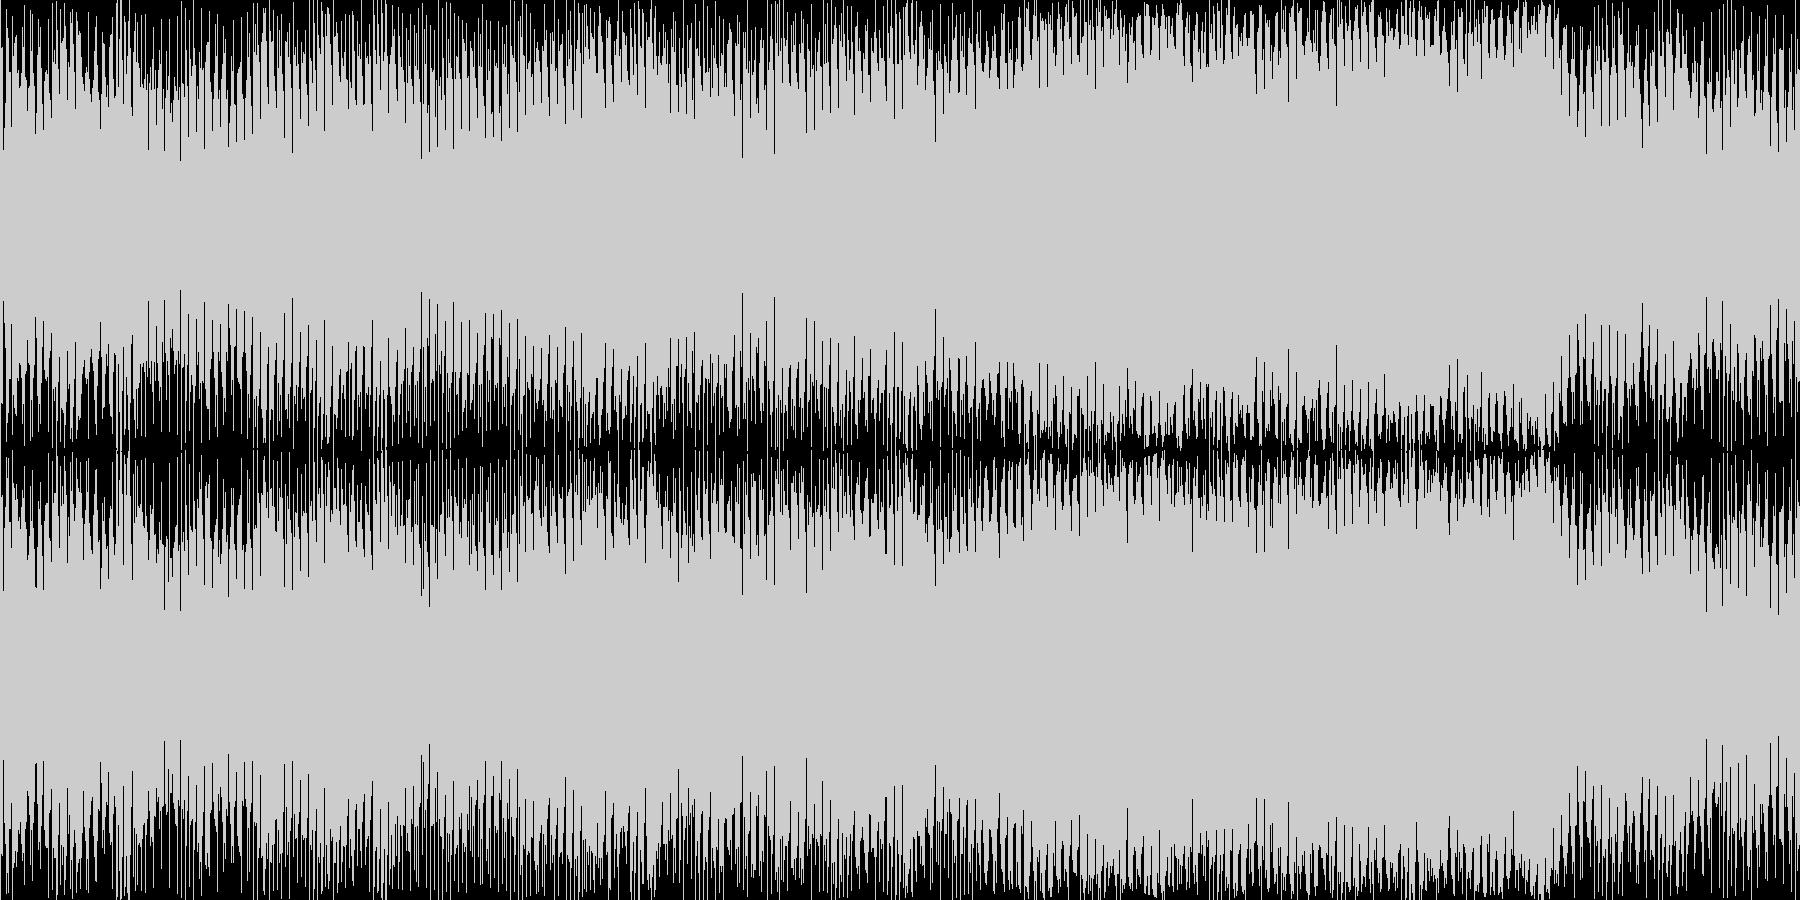 トランシーで少し怪しい感じのEDMの未再生の波形